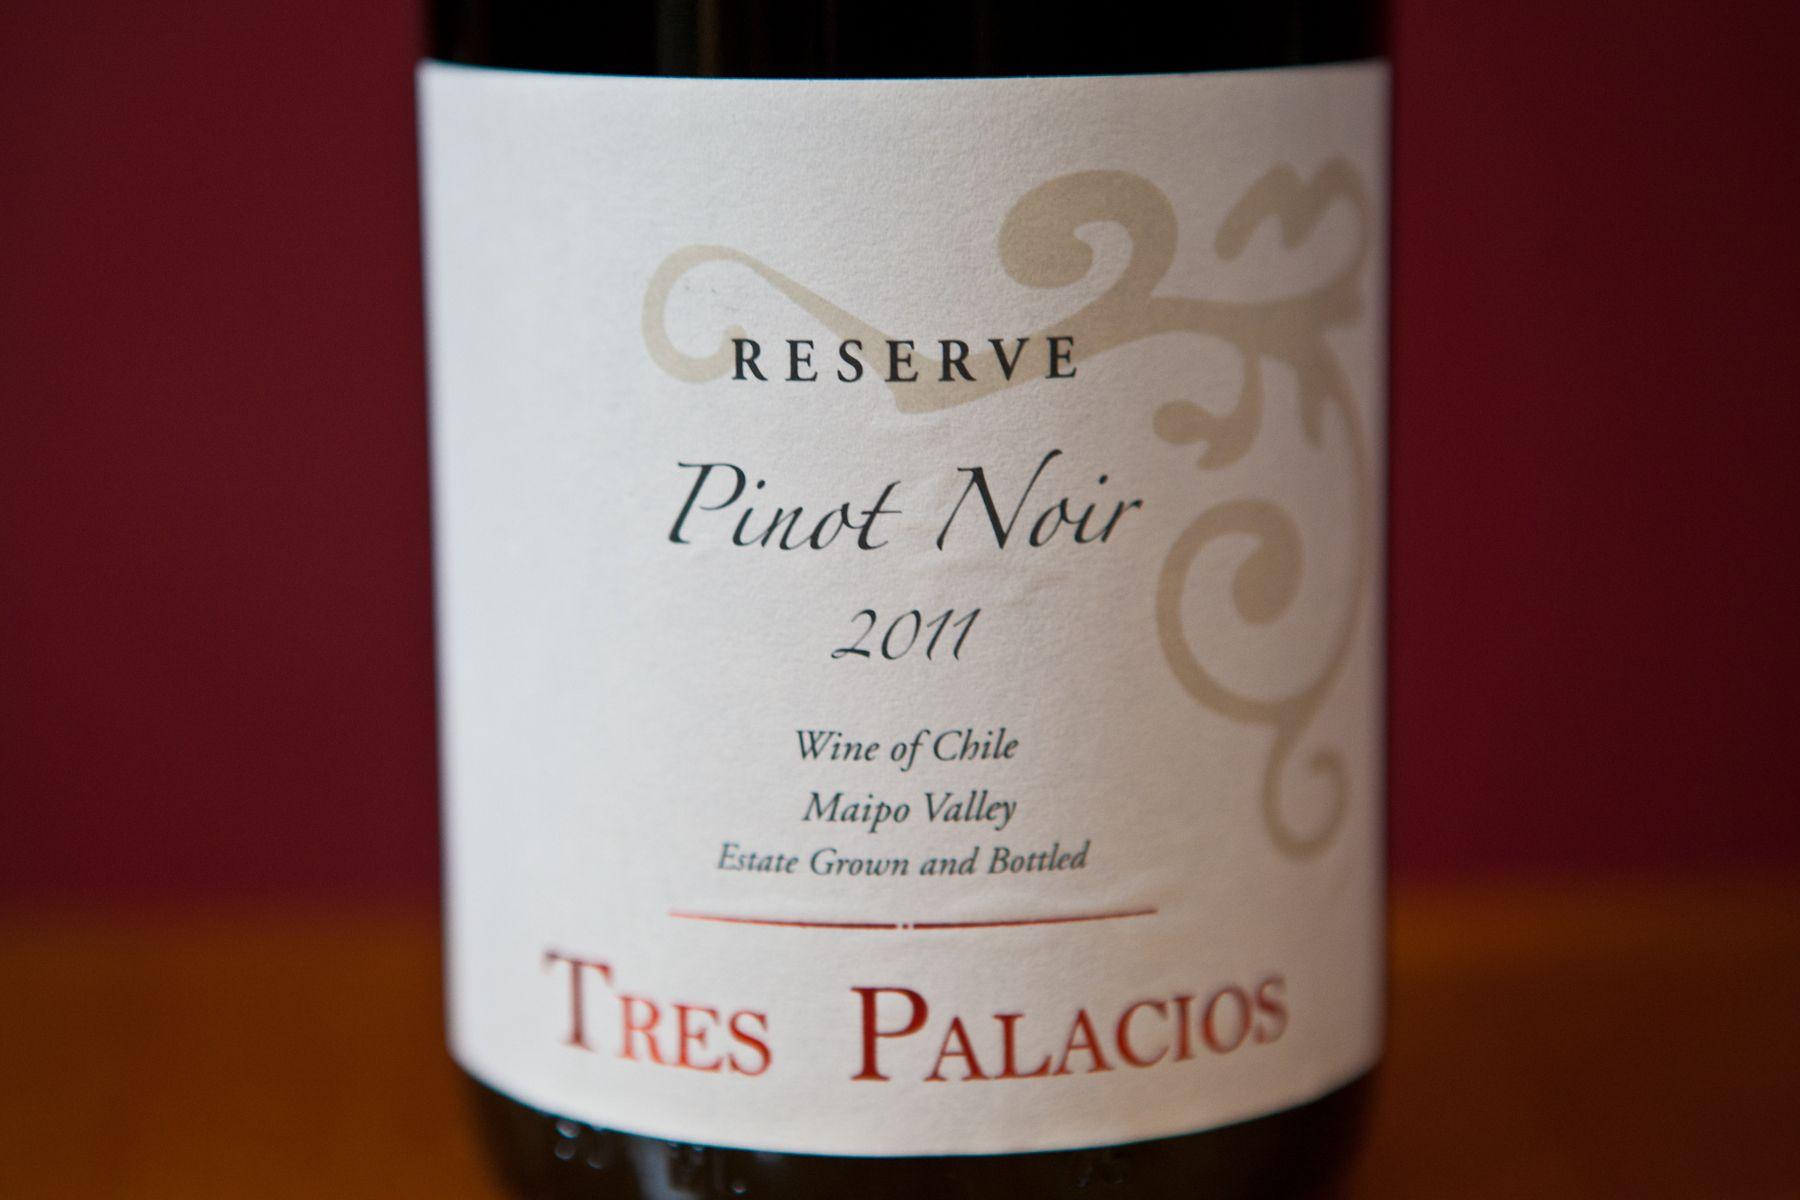 Tres Palacios Wine Bottle Rose Wine Bottle Organic Wine